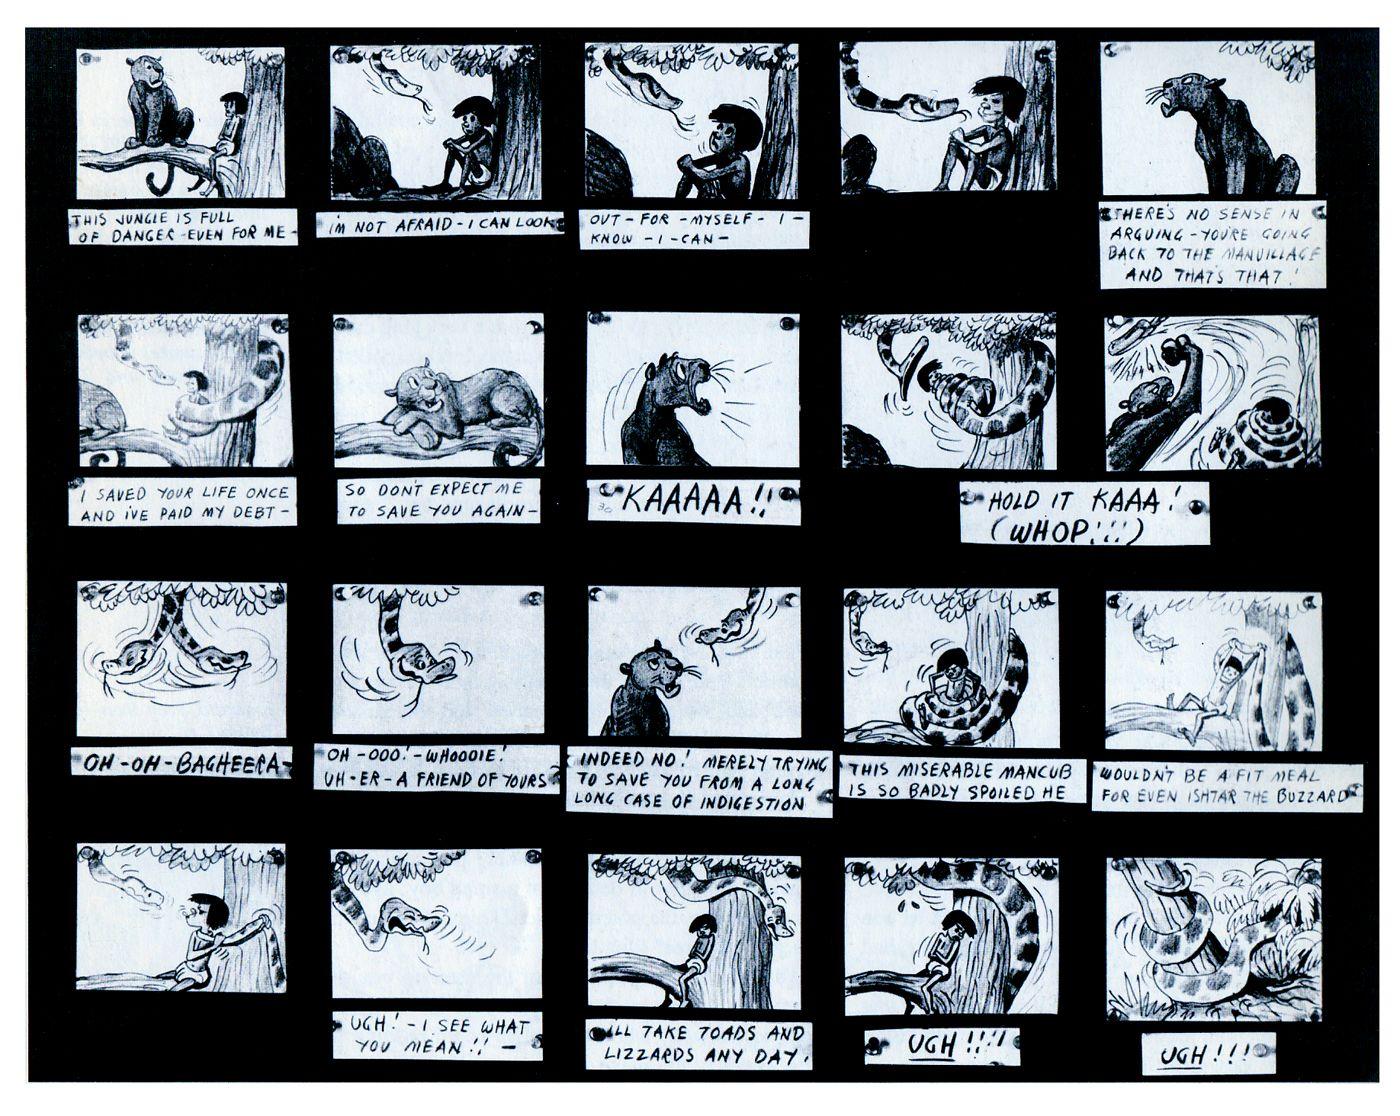 monkey man short story pdf